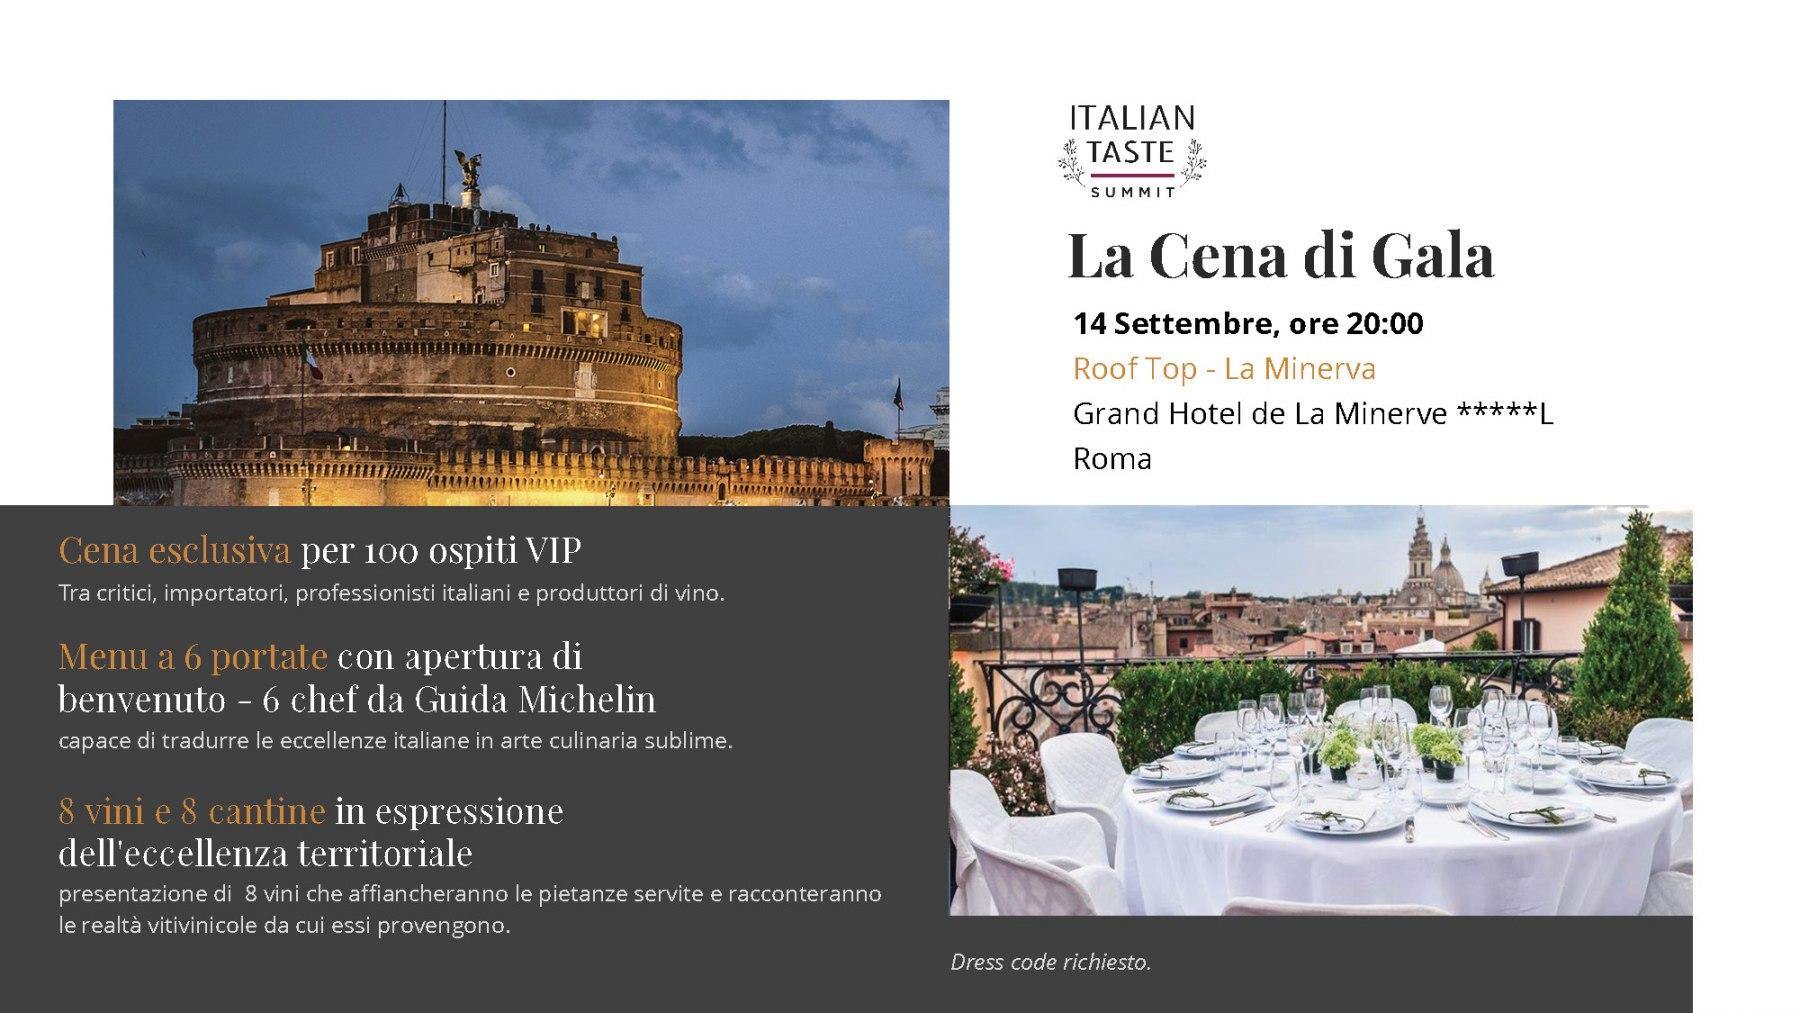 Italian-Taste-Summit-IT-2020_09